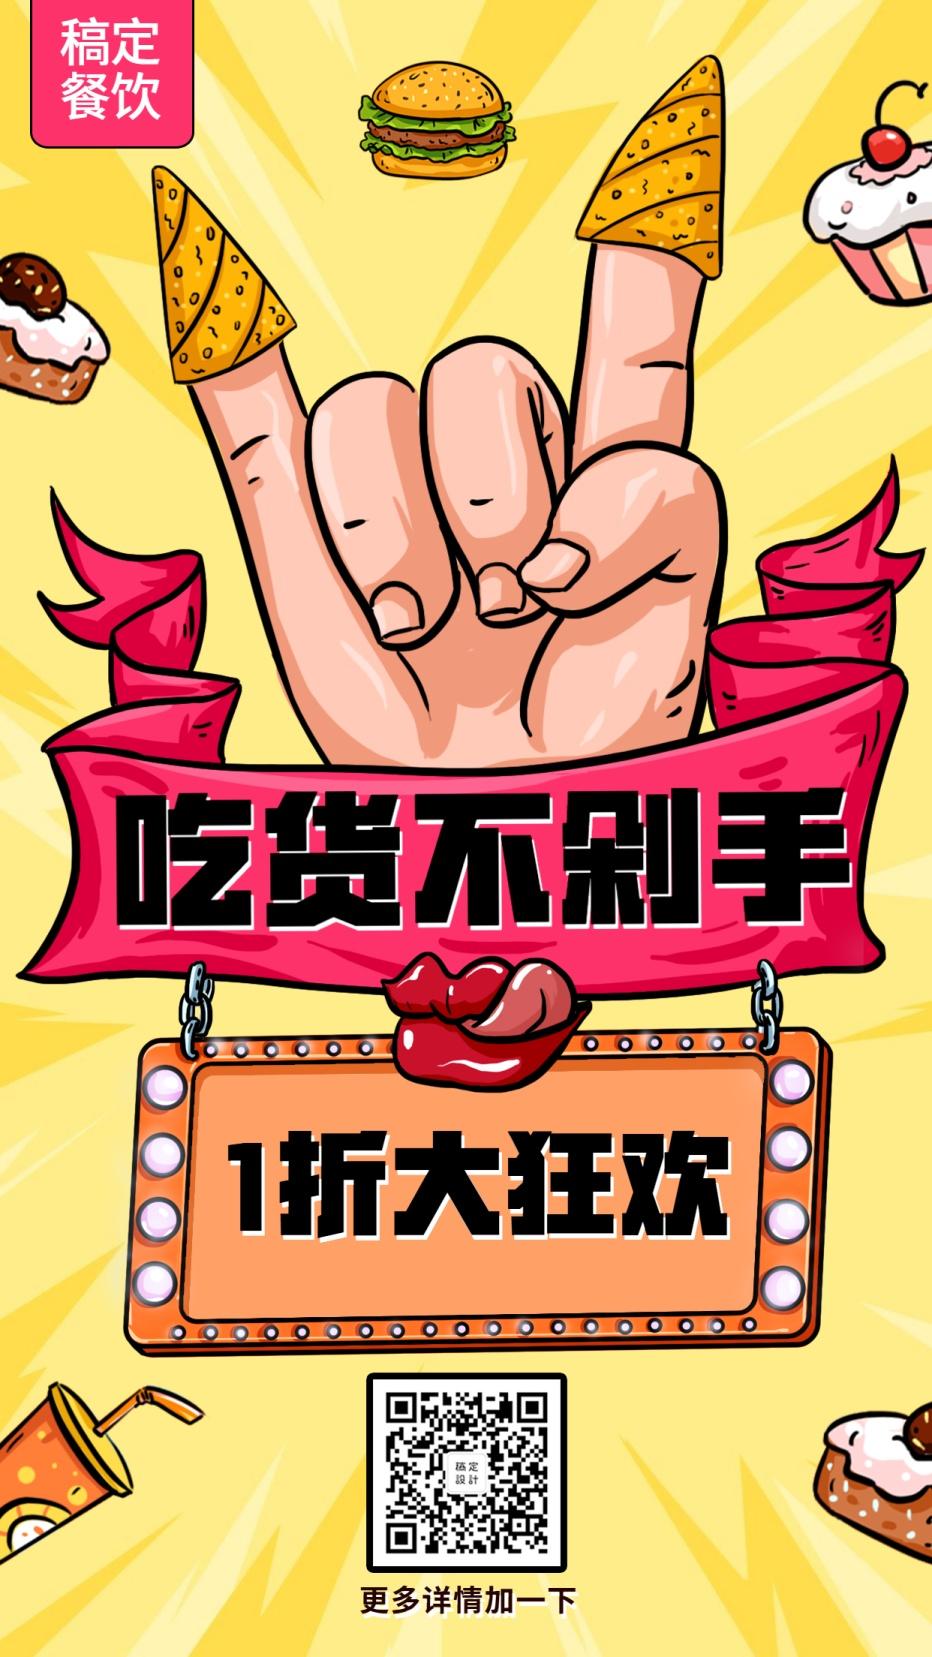 双十一剁手促销/餐饮美食/创意搞怪/手机海报